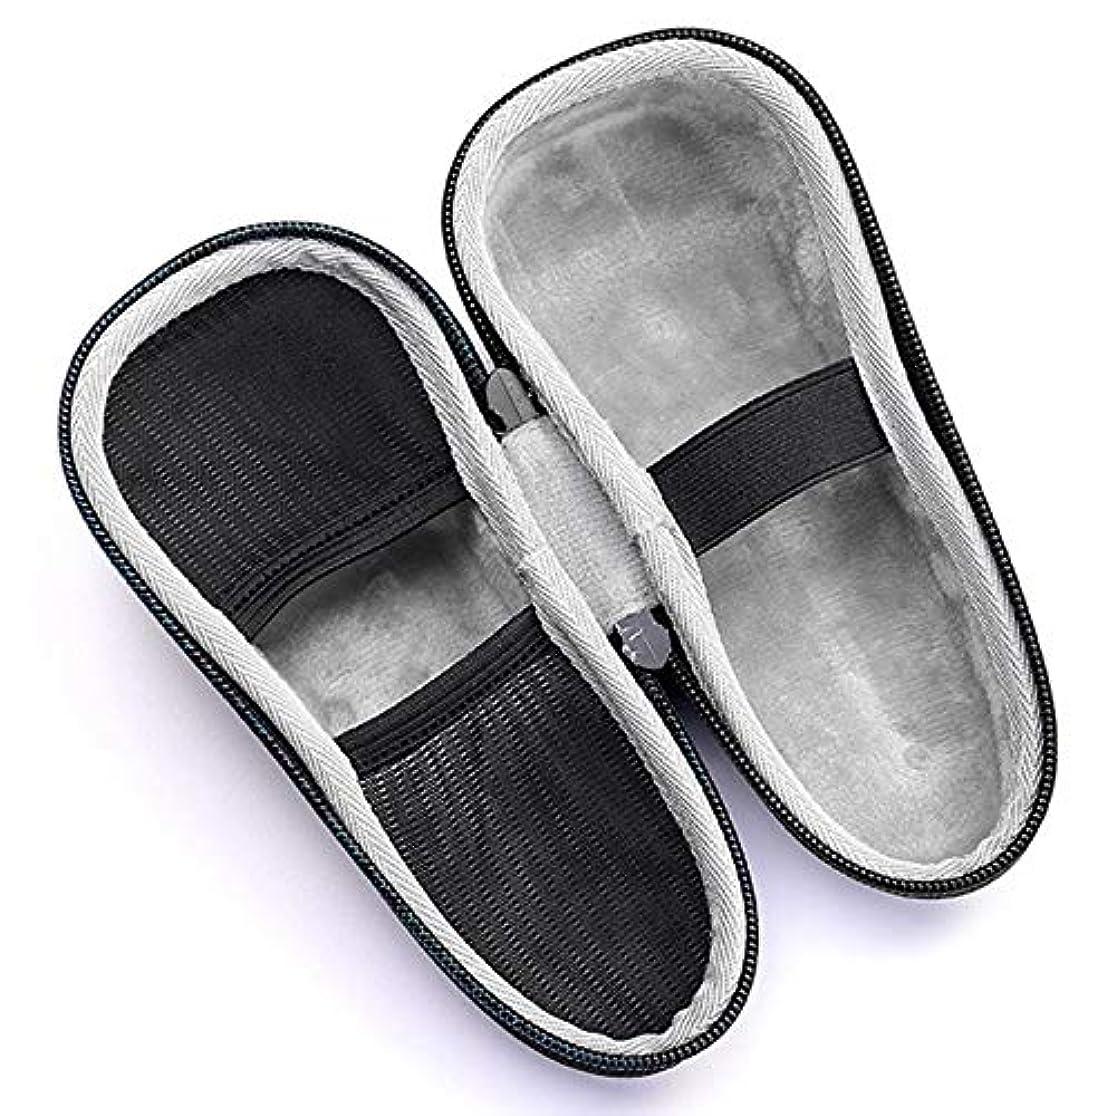 単独で警官確かなTOOGOO 髭剃り用収納バッグ、Philips電気シェーバー用、かみそりのバッグ、Philipsシェーバー用旅行ケース、シェービングマシンの収納ケース、バッグ